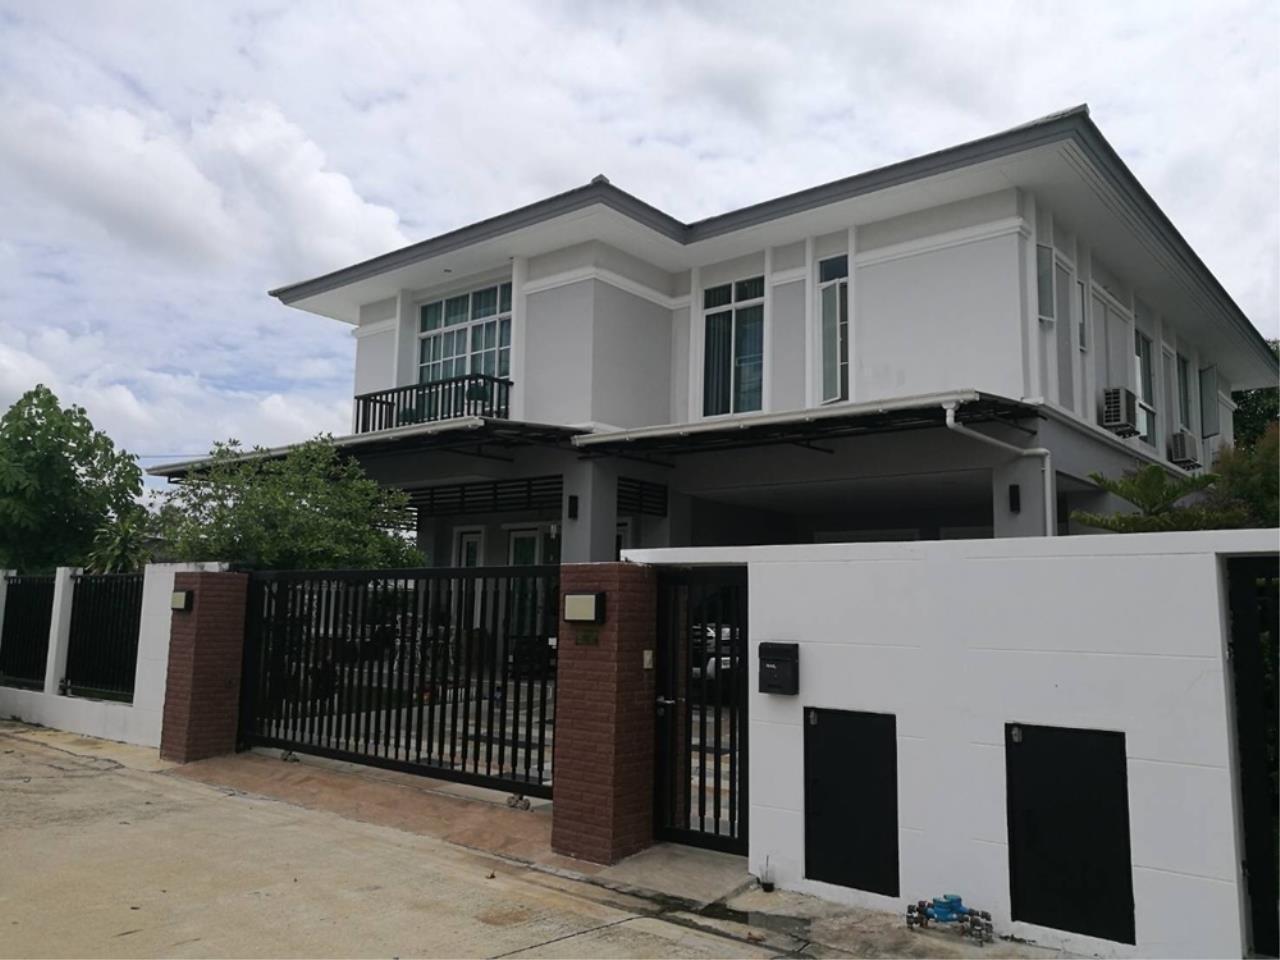 ขาย บ้าน แขวงบางแคเหนือ เขตบางแค กรุงเทพมหานคร, ภาพที่ 1